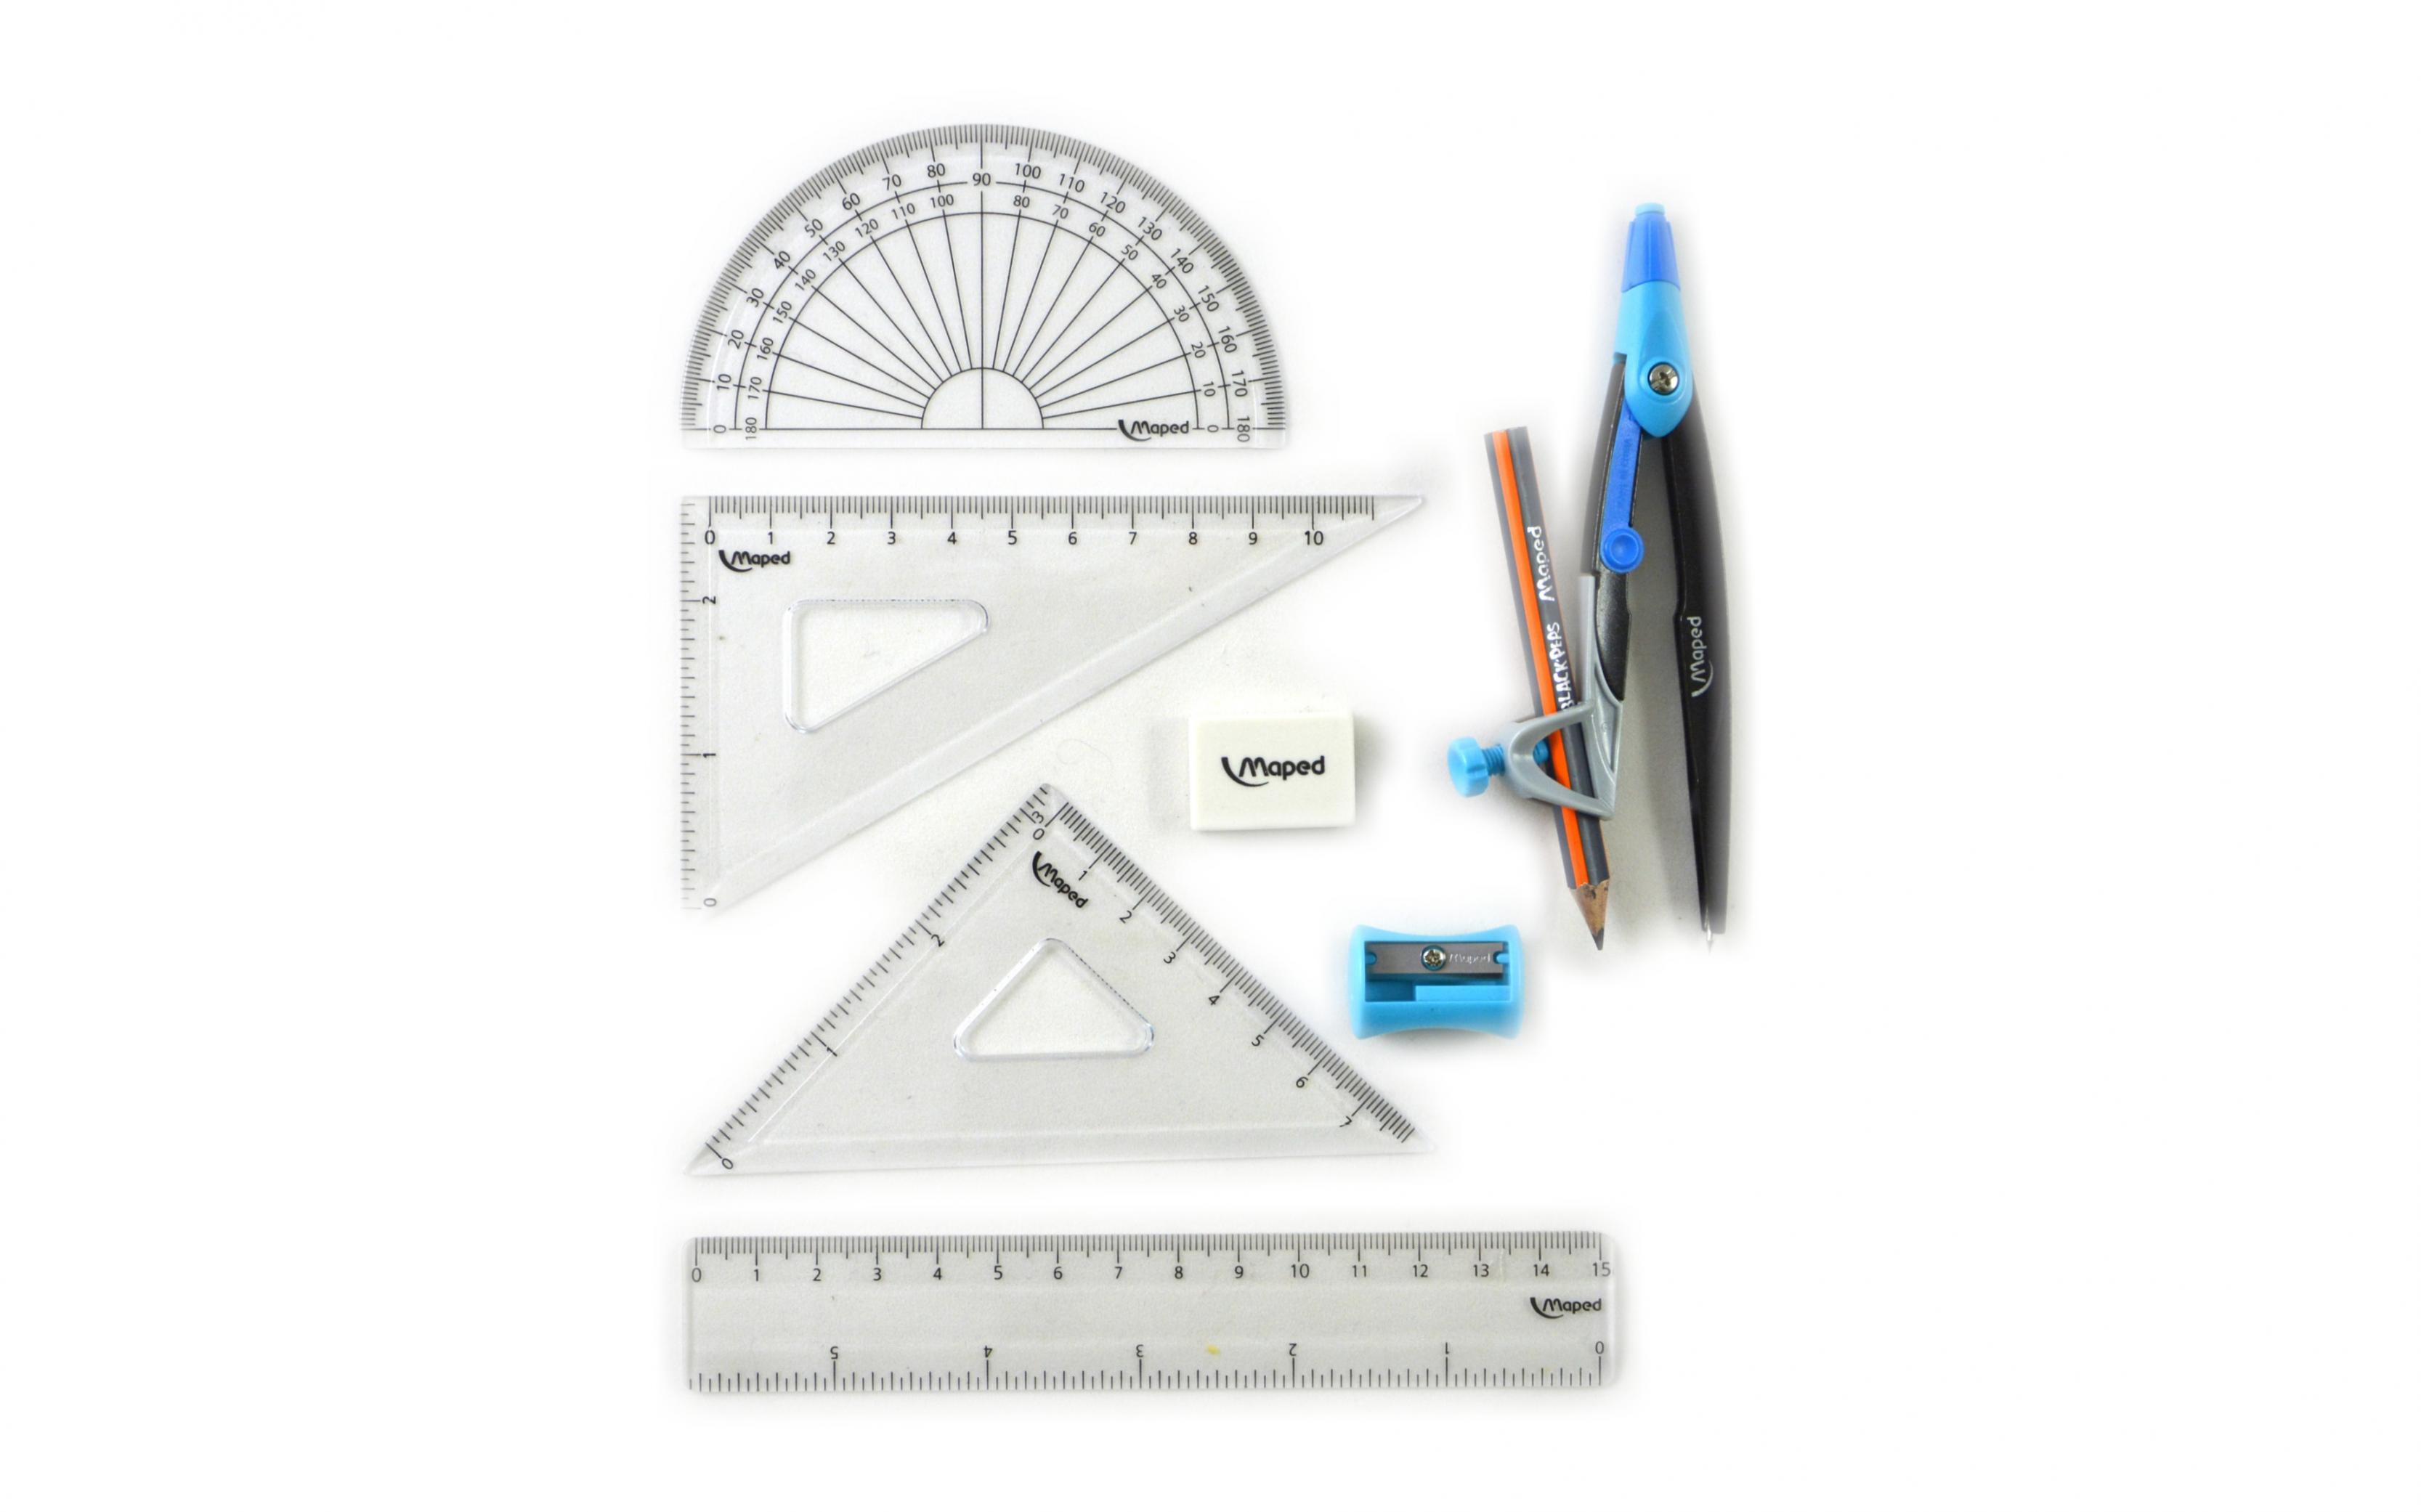 صوره ادوات هندسية , مستلزمات هندسية